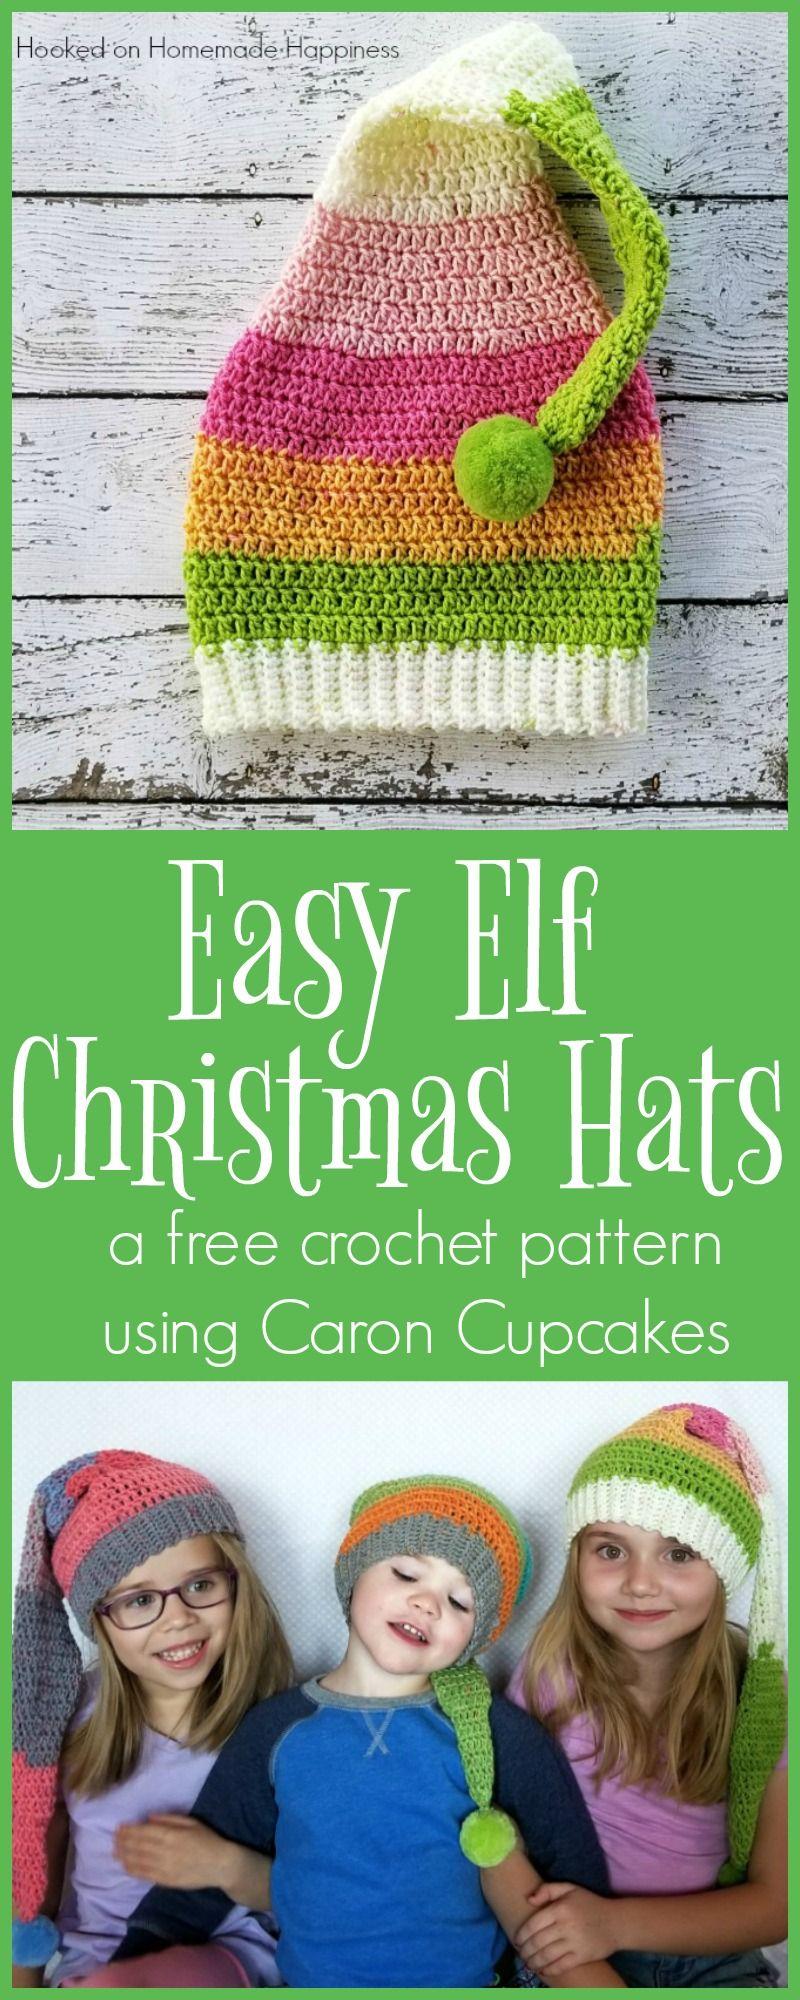 Elf Crochet Hats with Caron Cupcakes | Gorro tejido, Tejido y De ...